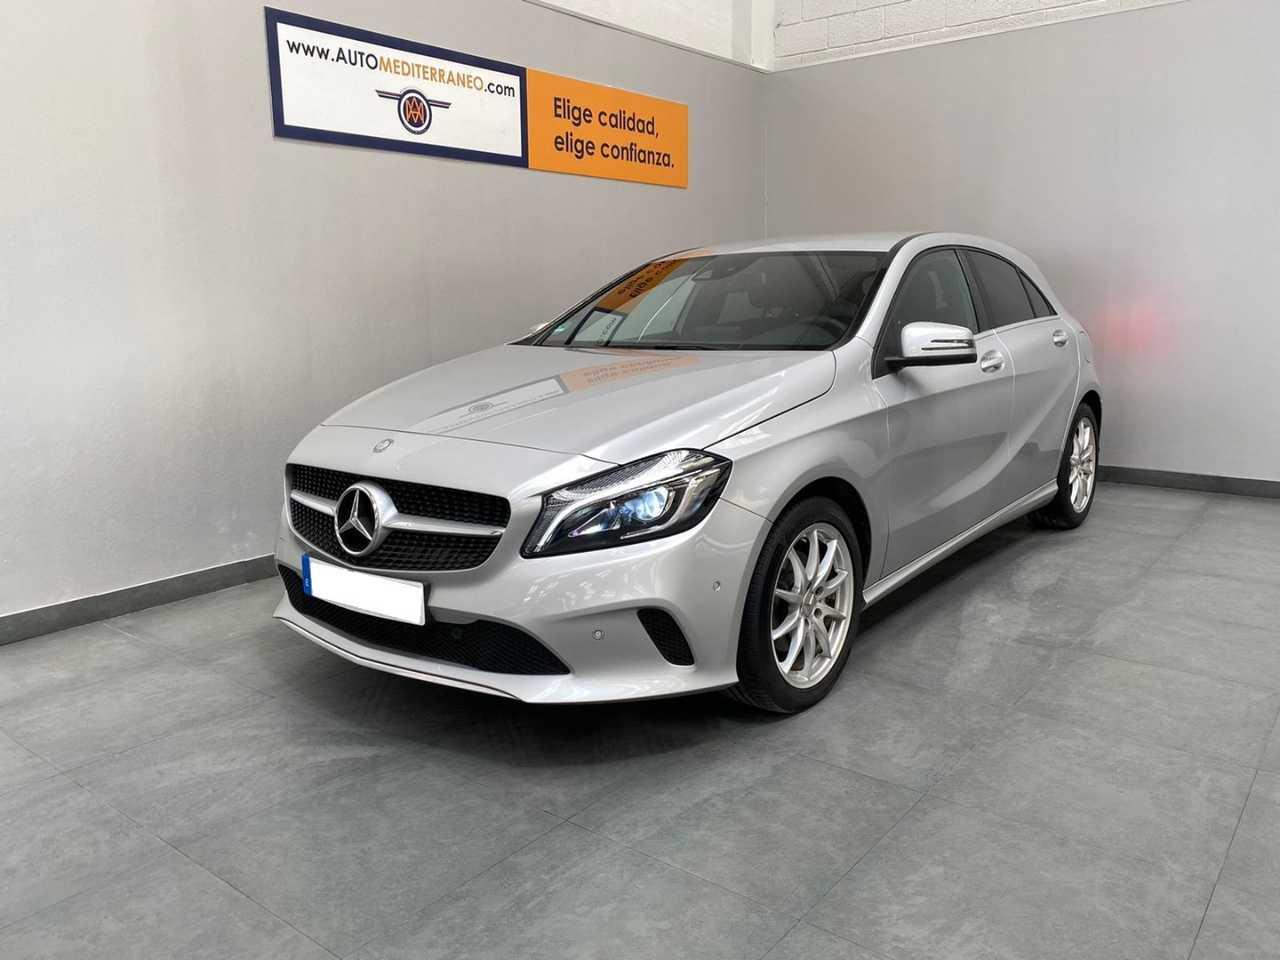 Mercedes Clase A 220 cdi   - Foto 1